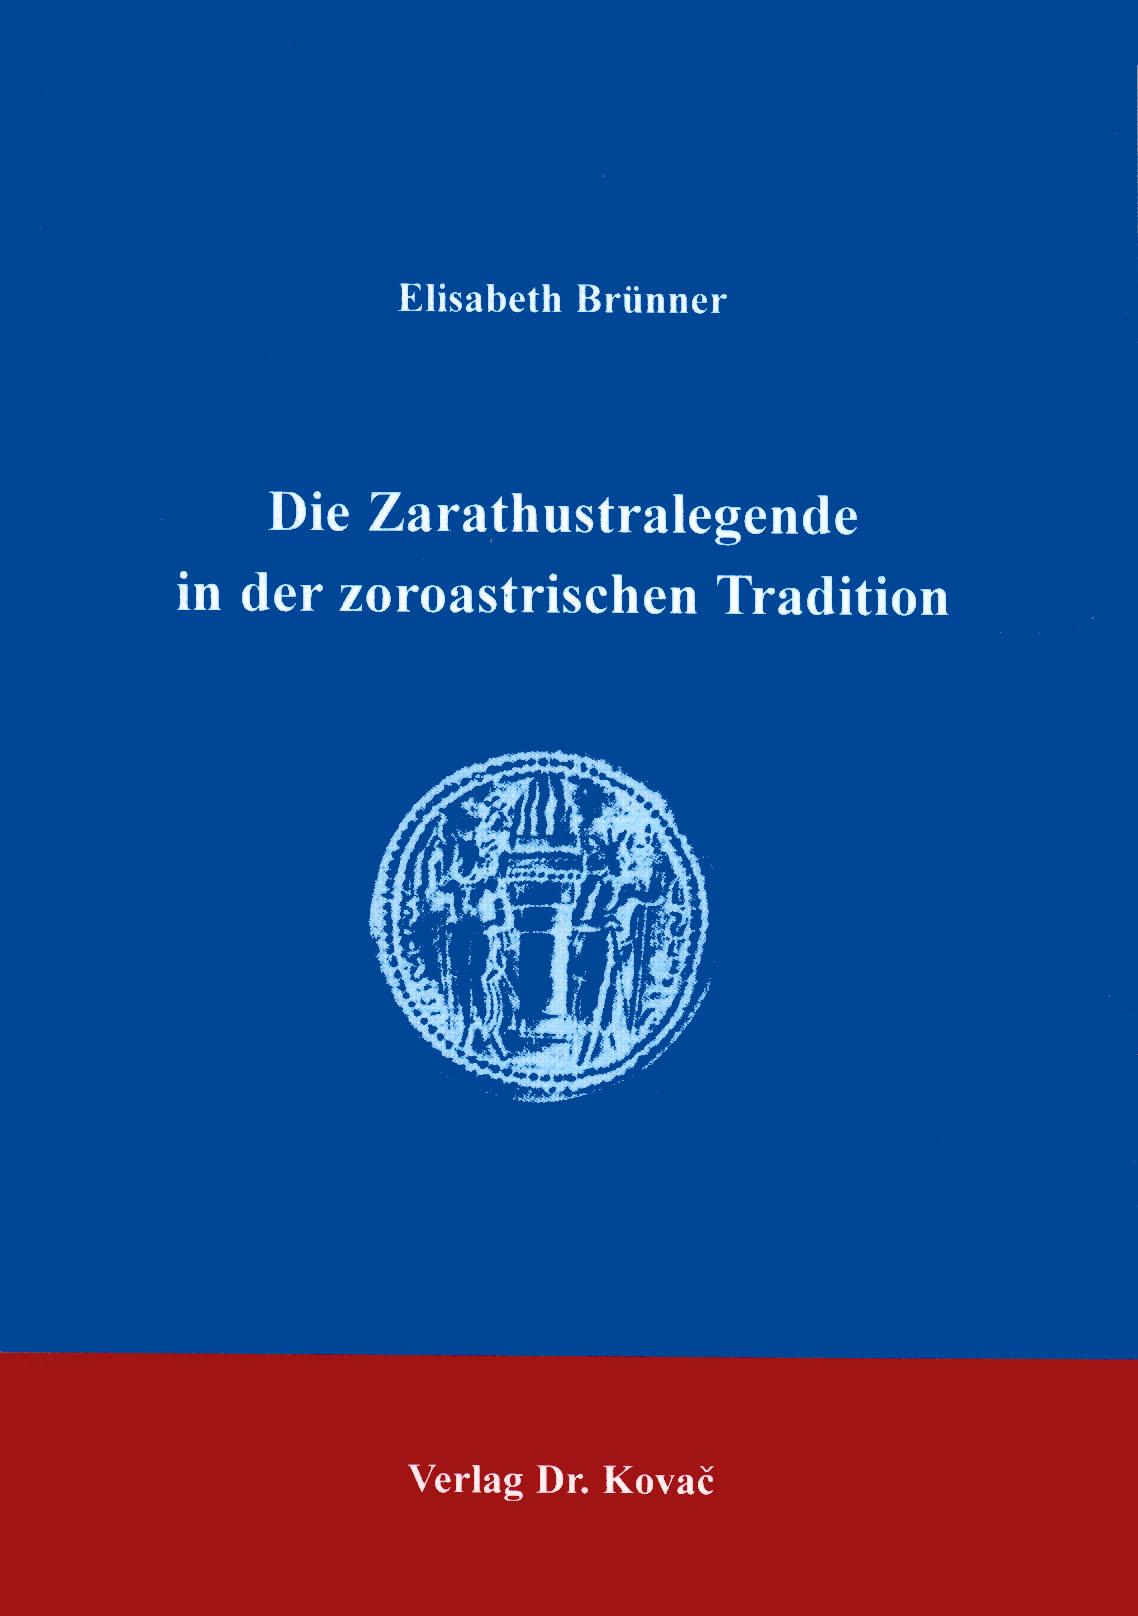 Cover: Die Zarathustralegende in der zoroastrischen Tradition